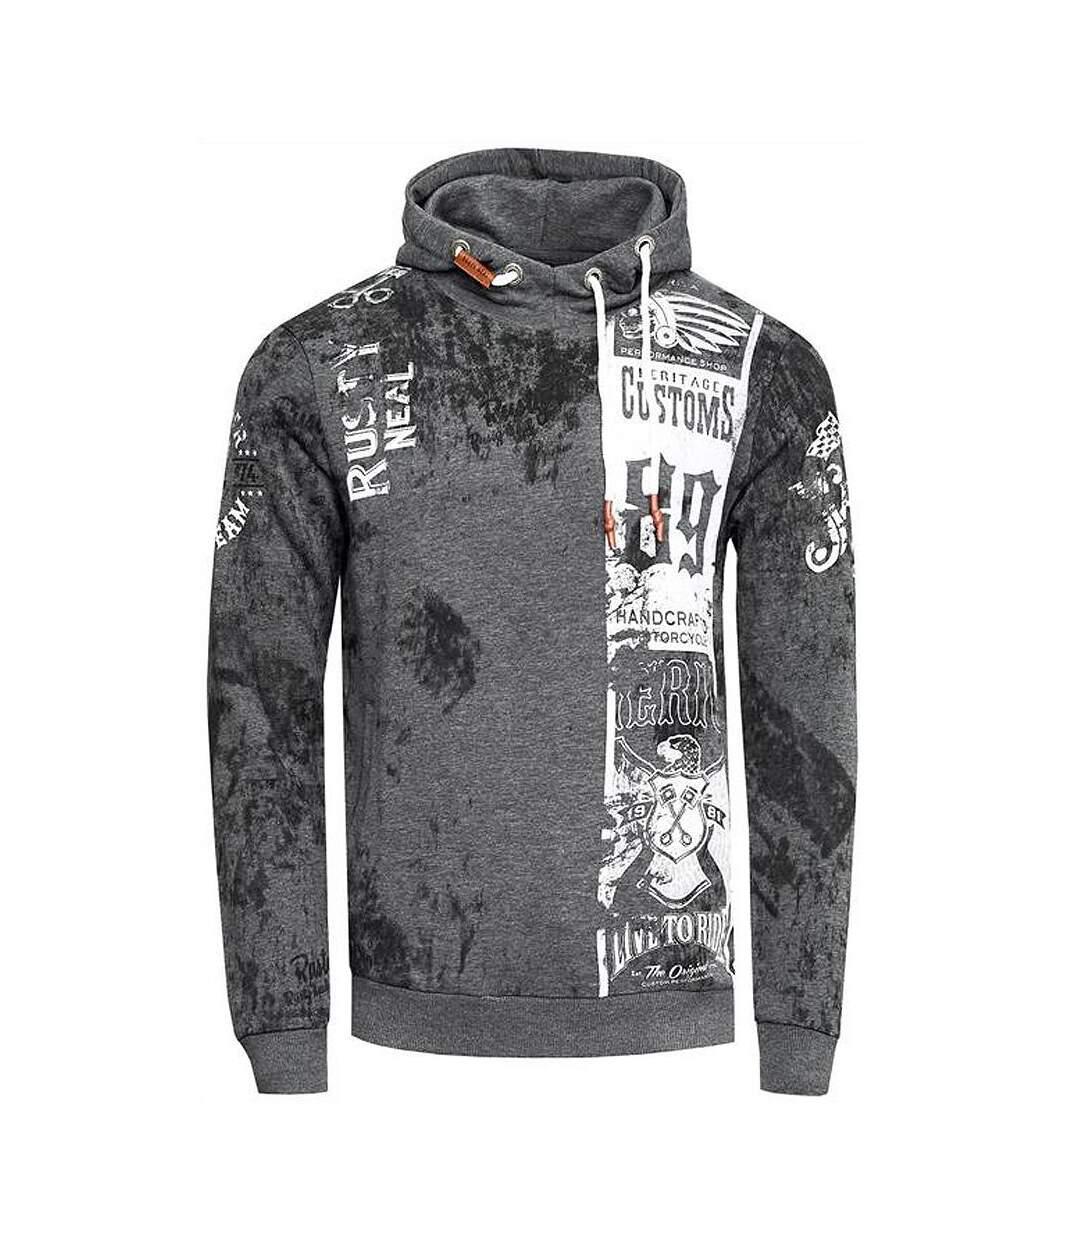 Sweat gris anthracite imprimé usé vintage custom avec aigles hoodie à capuche homme